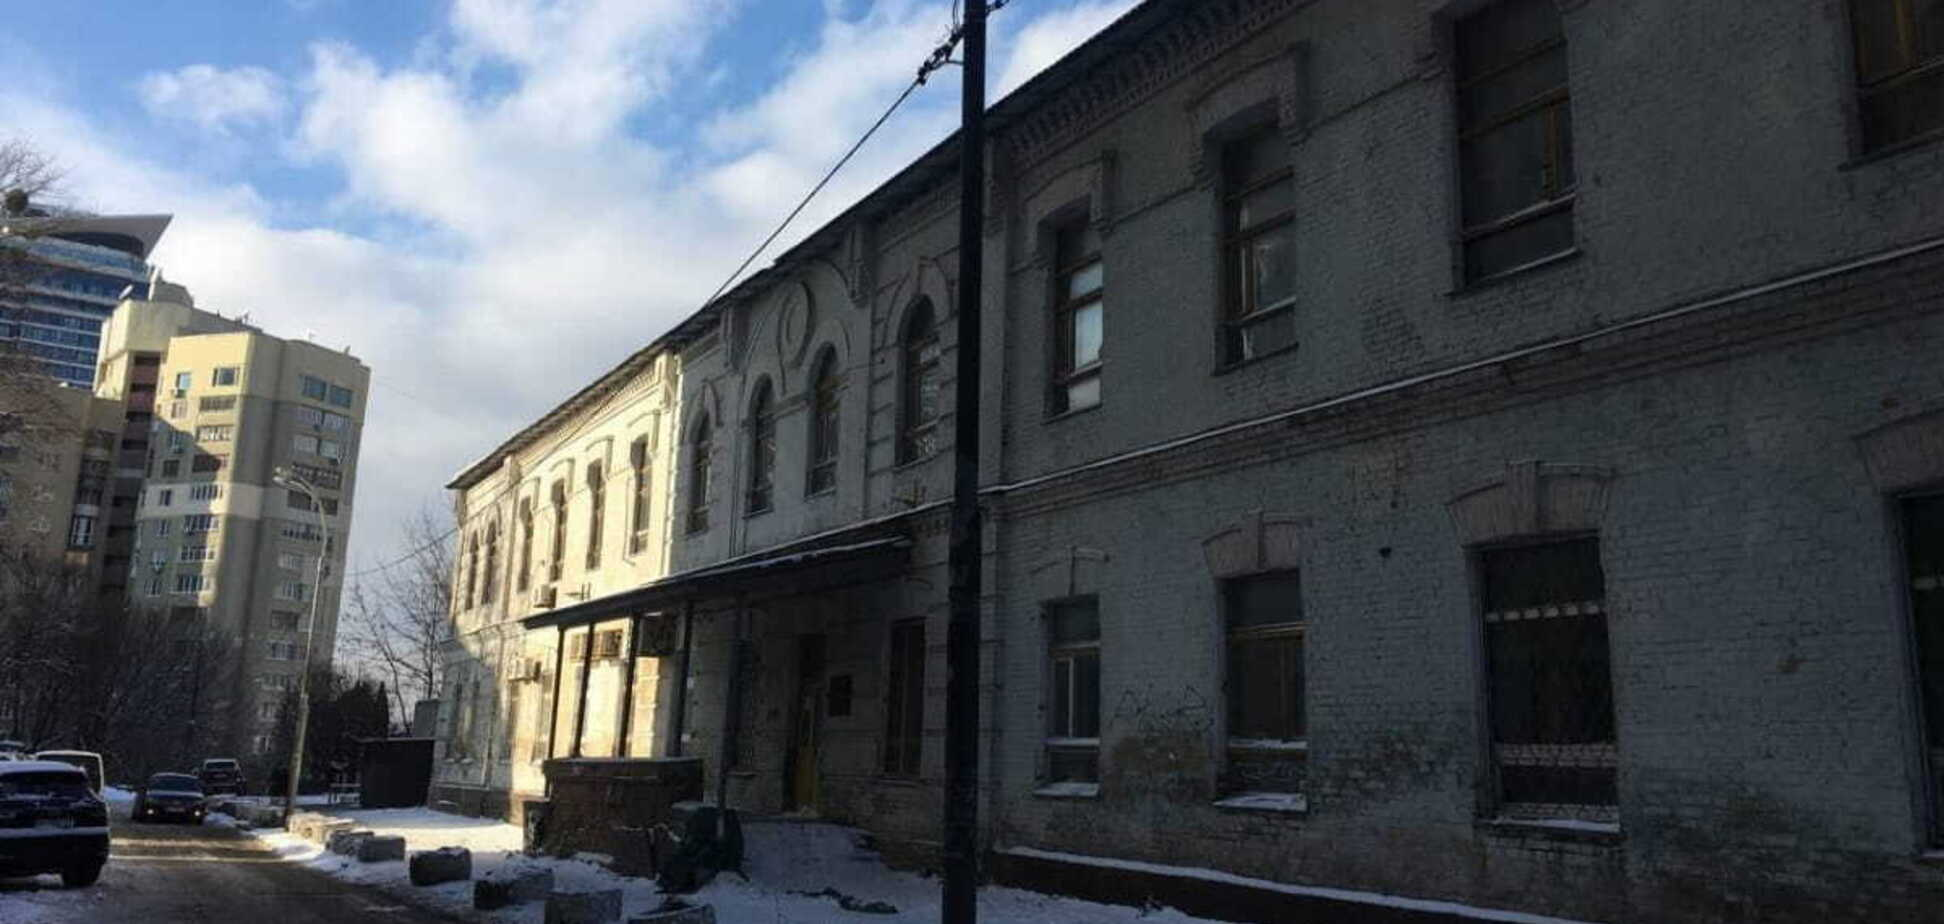 Депутаты 'ЕС' нашли нестыковки в 'прописке' ГБР в Печерском районе